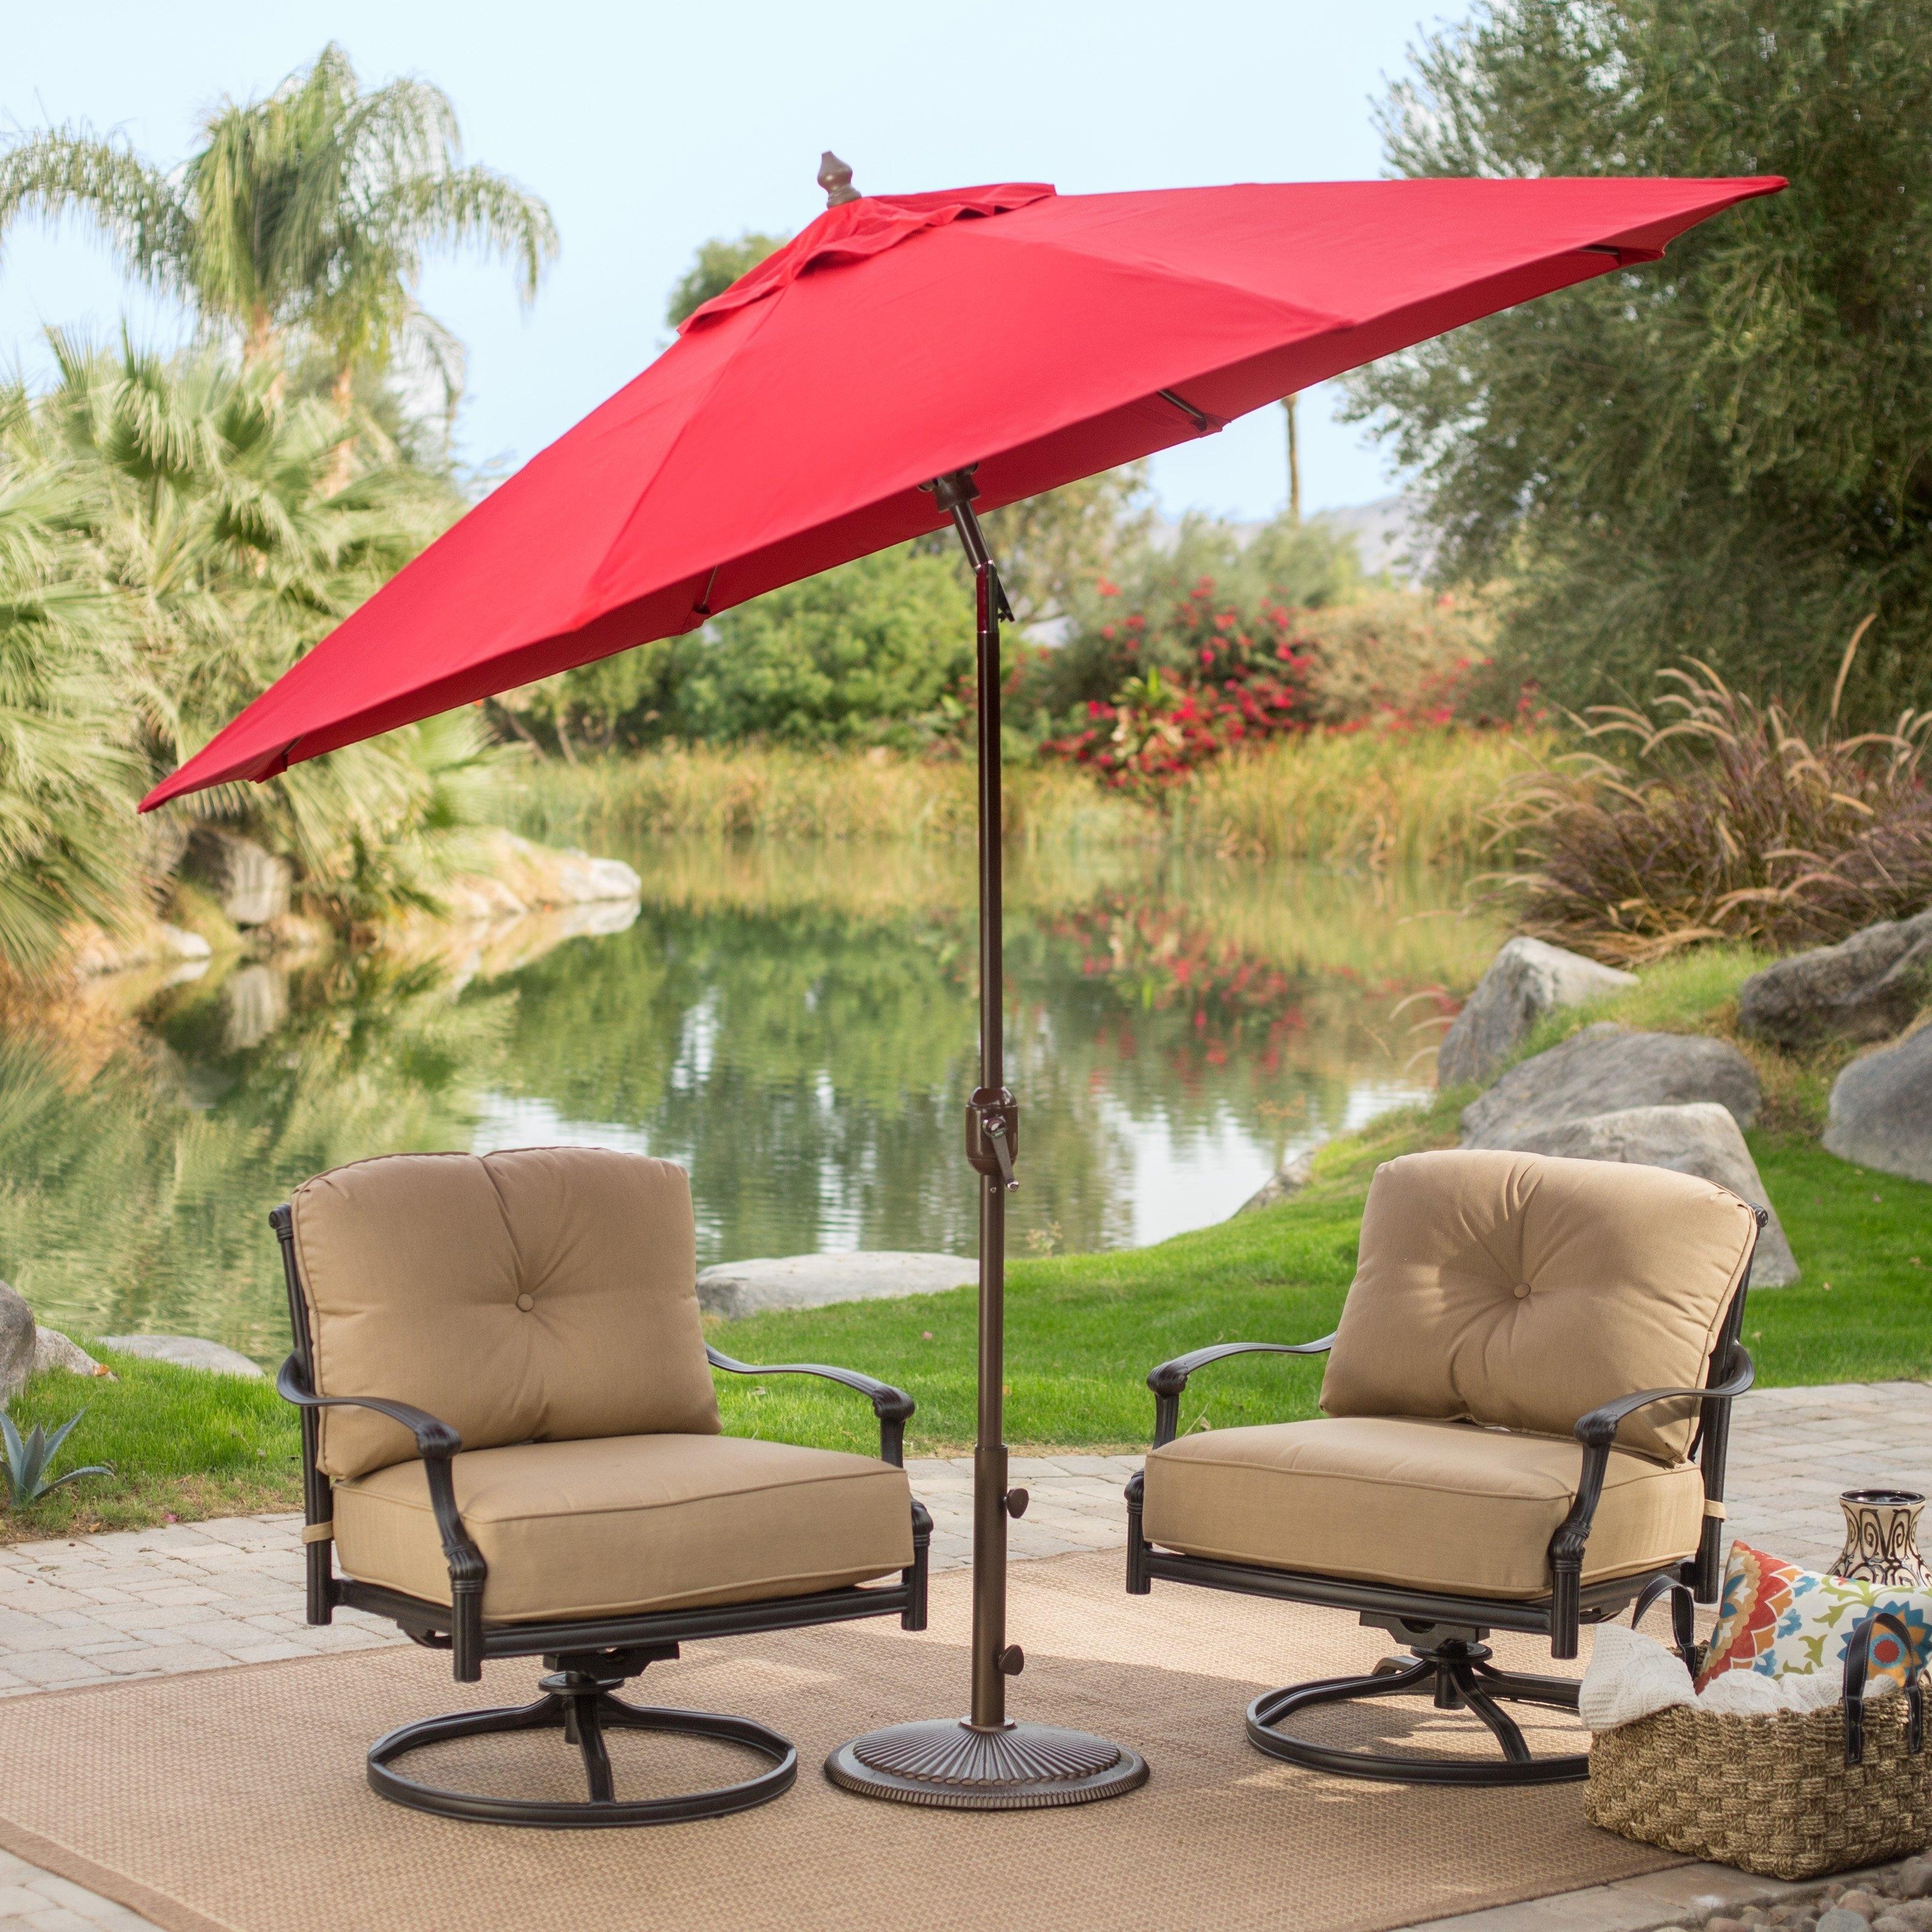 Outdoor & Garden: Patio Umbrellas 11 Ft Solar Offset Patio Umbrella In Preferred Solar Patio Umbrellas (View 9 of 20)